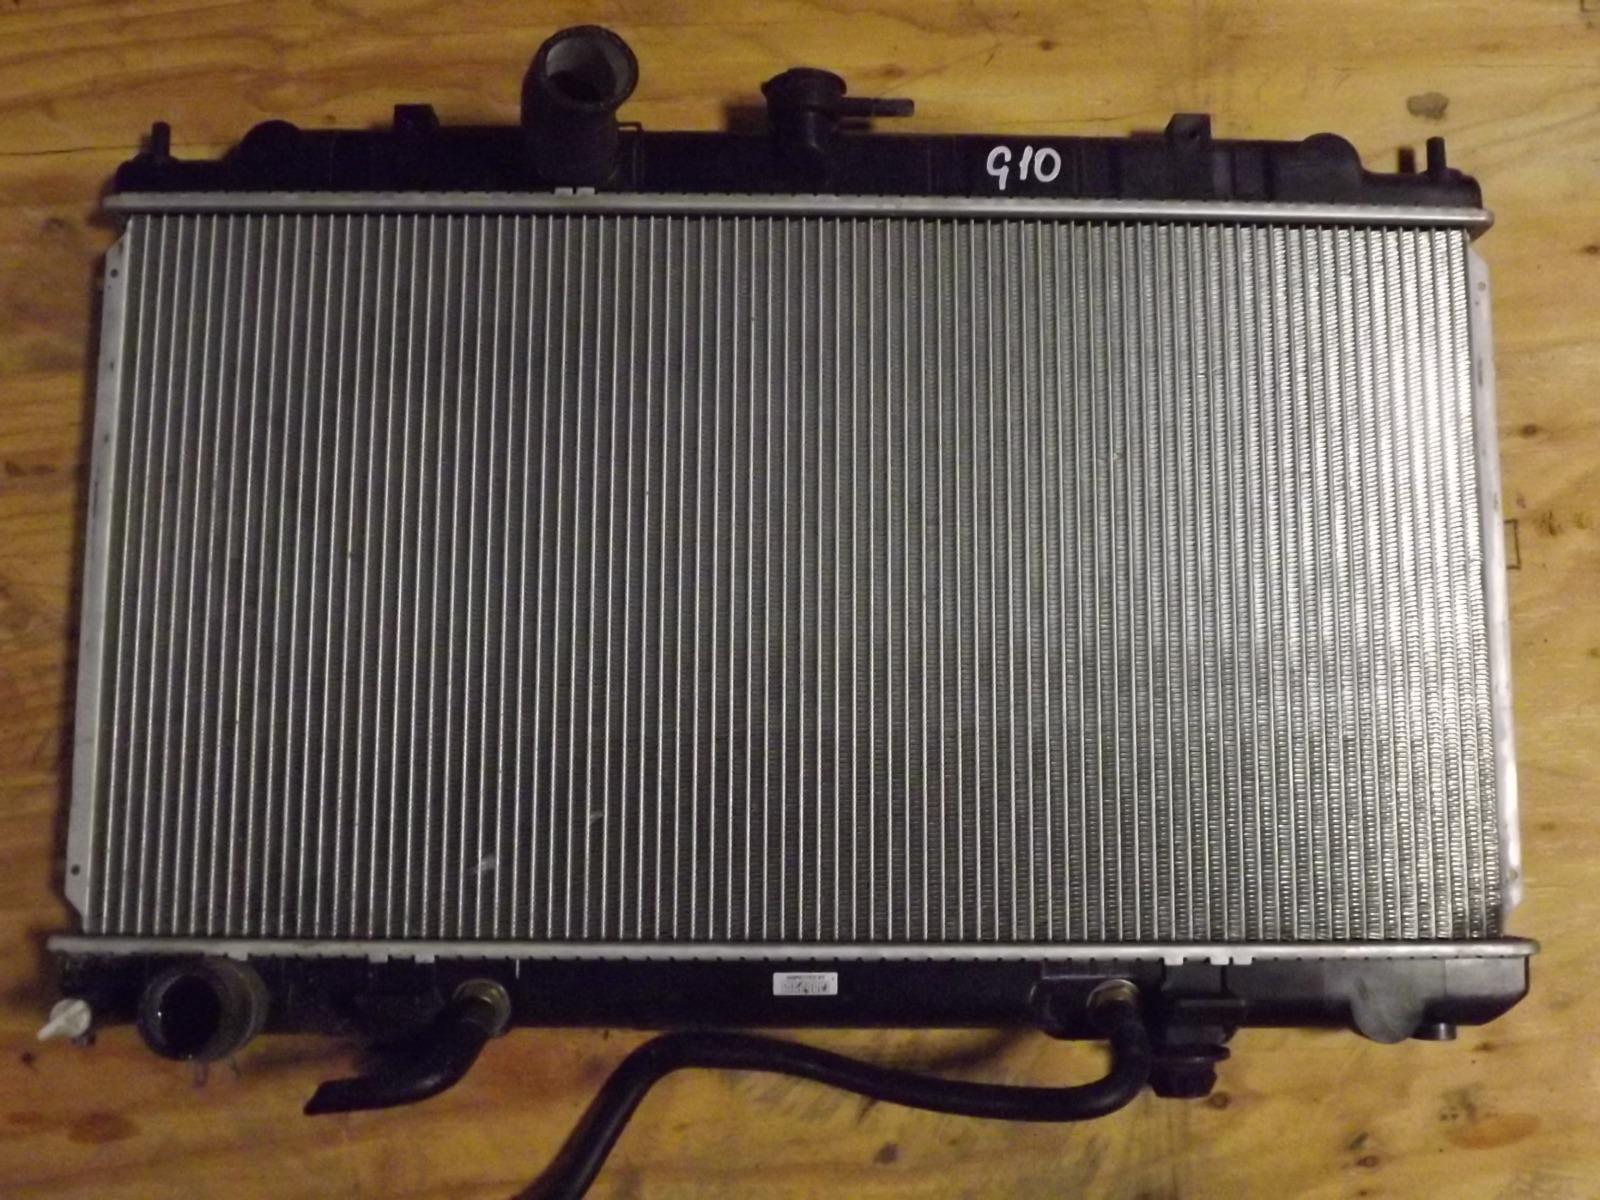 Радиатор двс Nissan Bluebird Sylphy G10 (б/у)